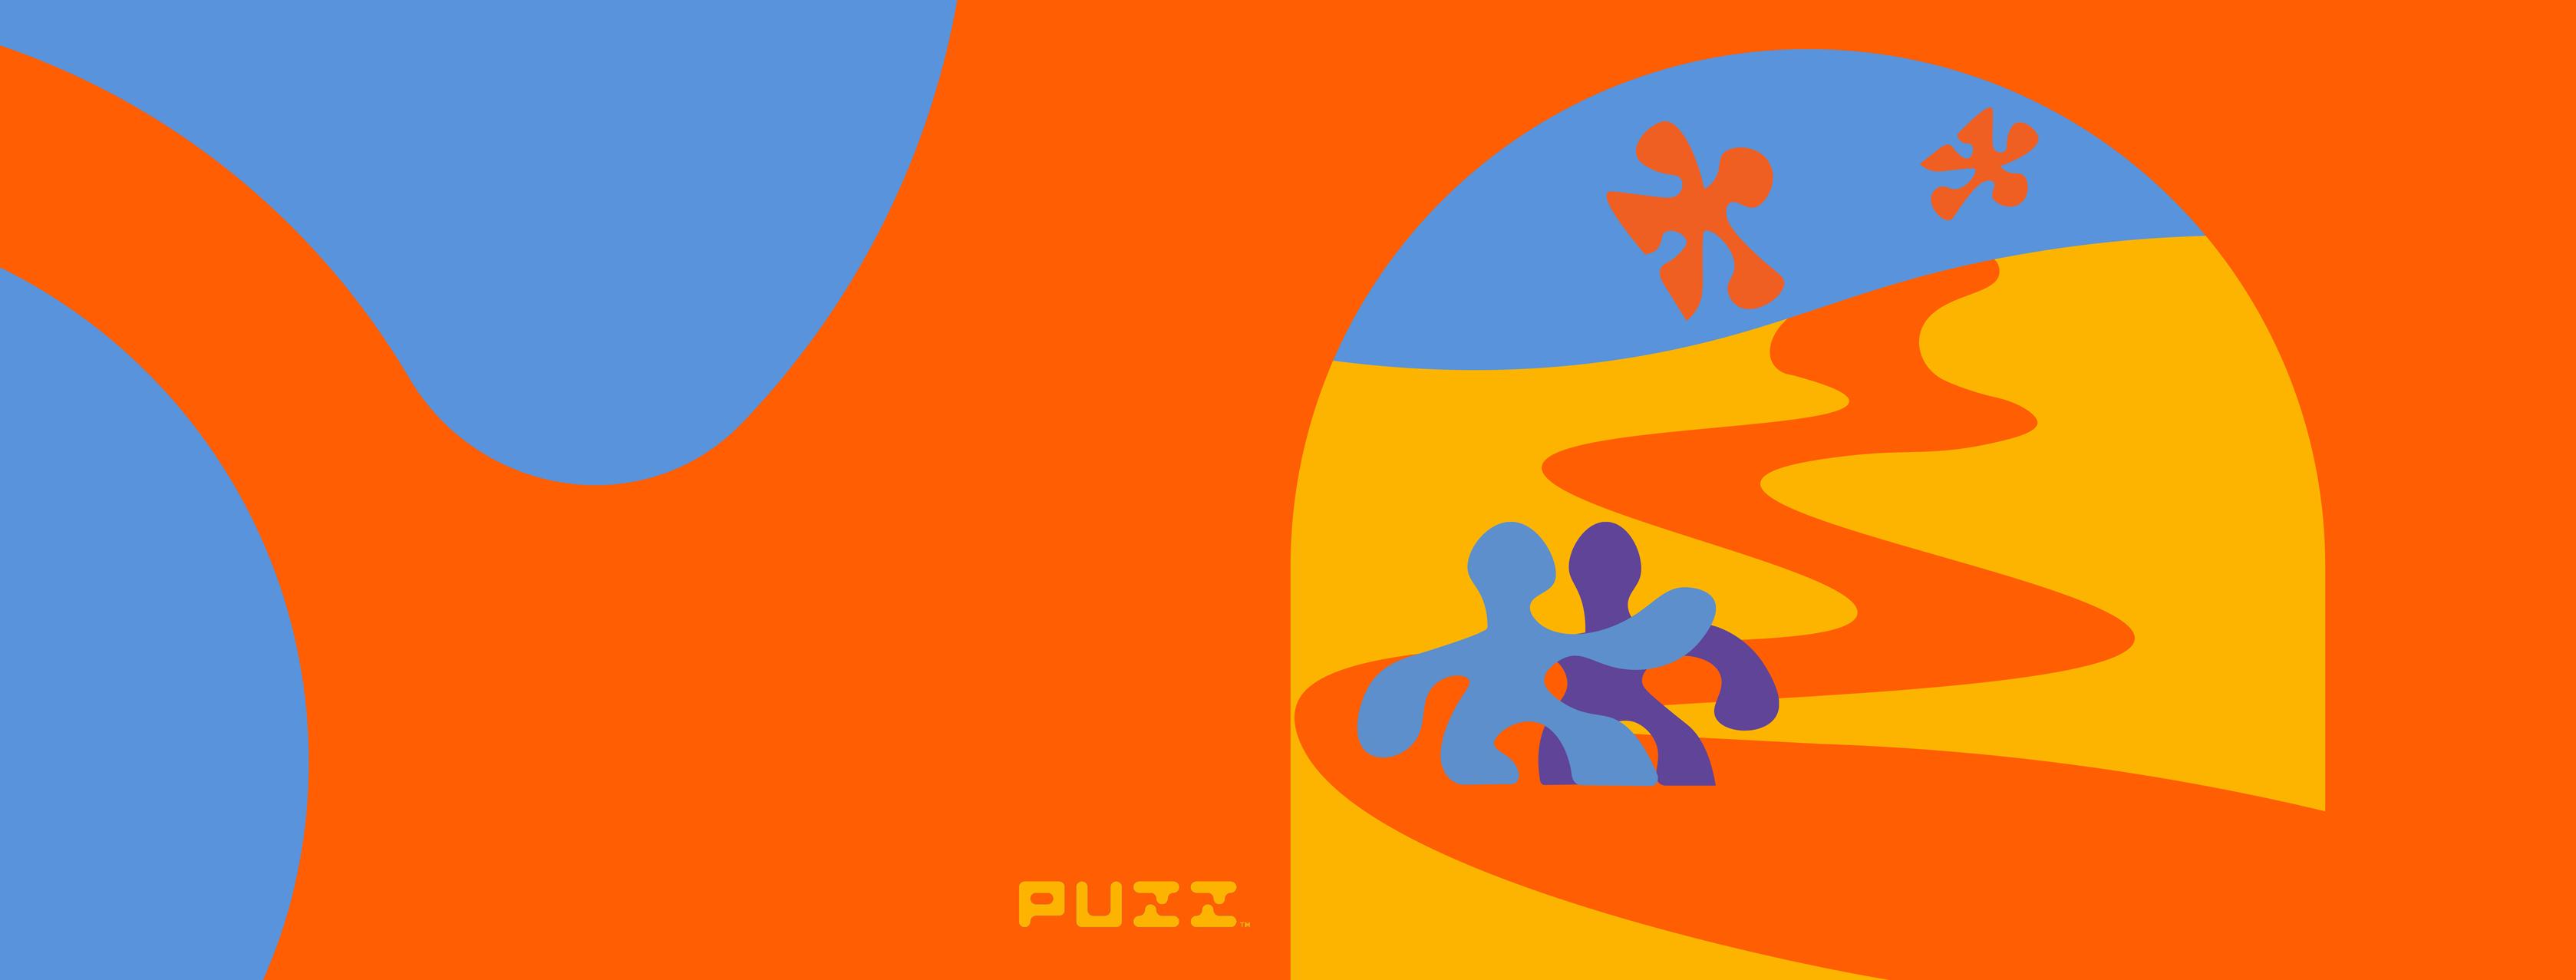 Brandit | Puzz - ლოგოს დამზადება, ლოგოს დიზაინი, ლოგოების შექმნა, ლოგოების დამზადება, ლოგოს დამზადების ფასი, ბრენდინგი, ბანერების დამზადება, ლოგოტიპის შექმნა, ლოგოტიპების დიზაინი, ოპტიმიზაცია, facebook დიზაინი, ვებგვერდის დიზაინი, ლოგოების დიზაინი, ლოგოტიპების დამზადება, saitebis damzadena, logoebis damzadeba, saitis damzadeba, logos damzadeba,